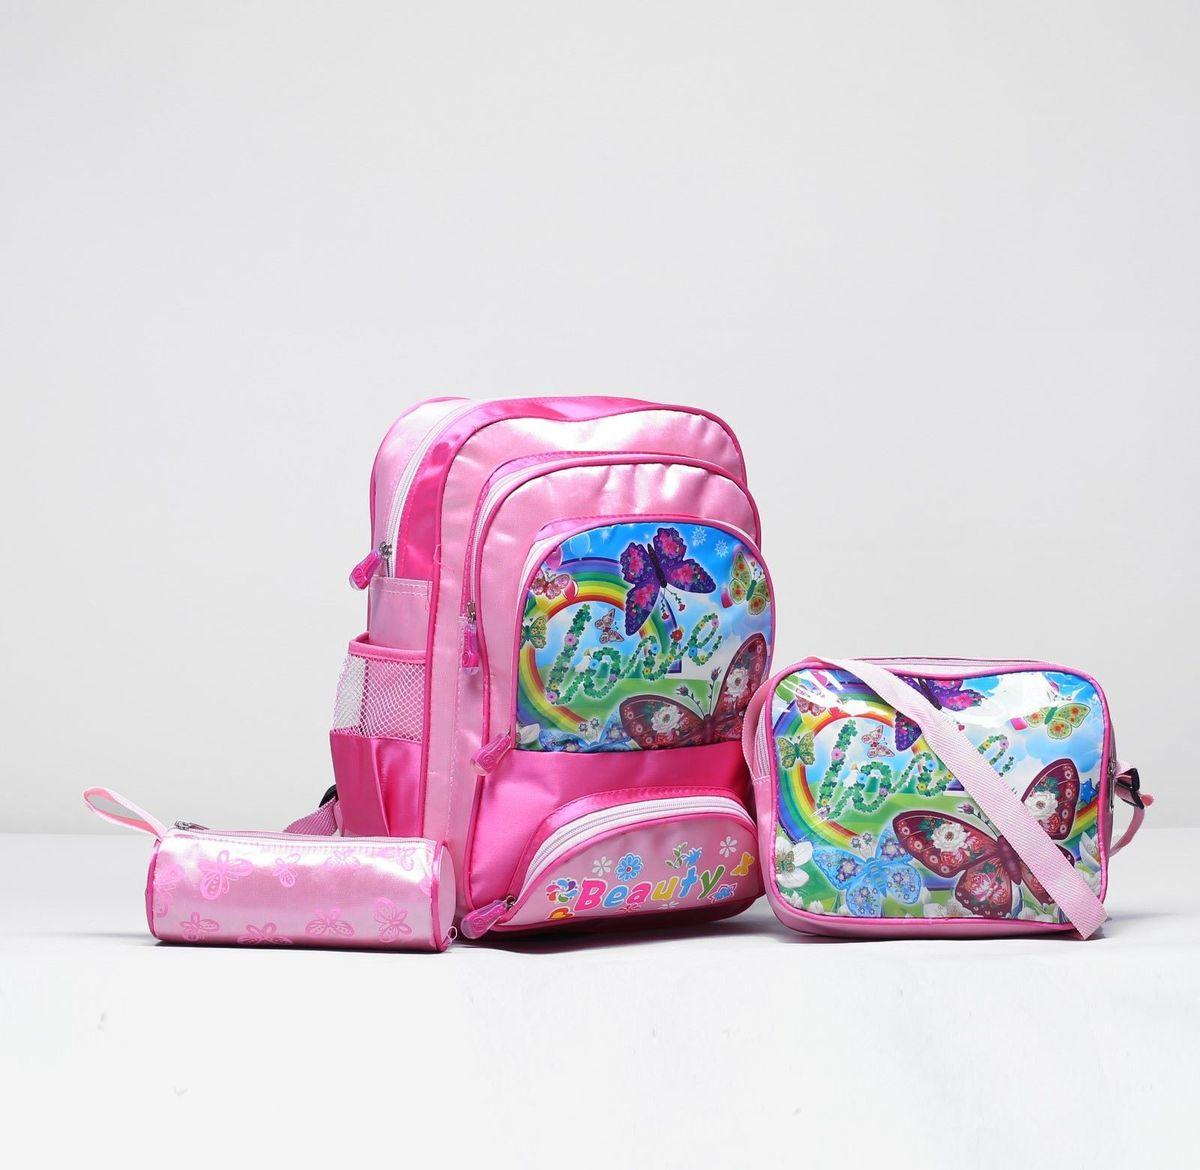 Страна Карнавалия Рюкзак Бабочки цвет розовый 18573771857377Маленькие, казалось бы, незначительные элементы зачастую завершают, дополняют образ, подчёркивают статус, стиль и вкус своего обладателя. Рюкзак школ Бабочки, с сумкой и косм, 1 отд, 3 н/кармана, 2 бок сетки, розовый — одна из подобных деталей. Это вещь достойного качества, которая может стать прекрасным подарком по любому поводу.